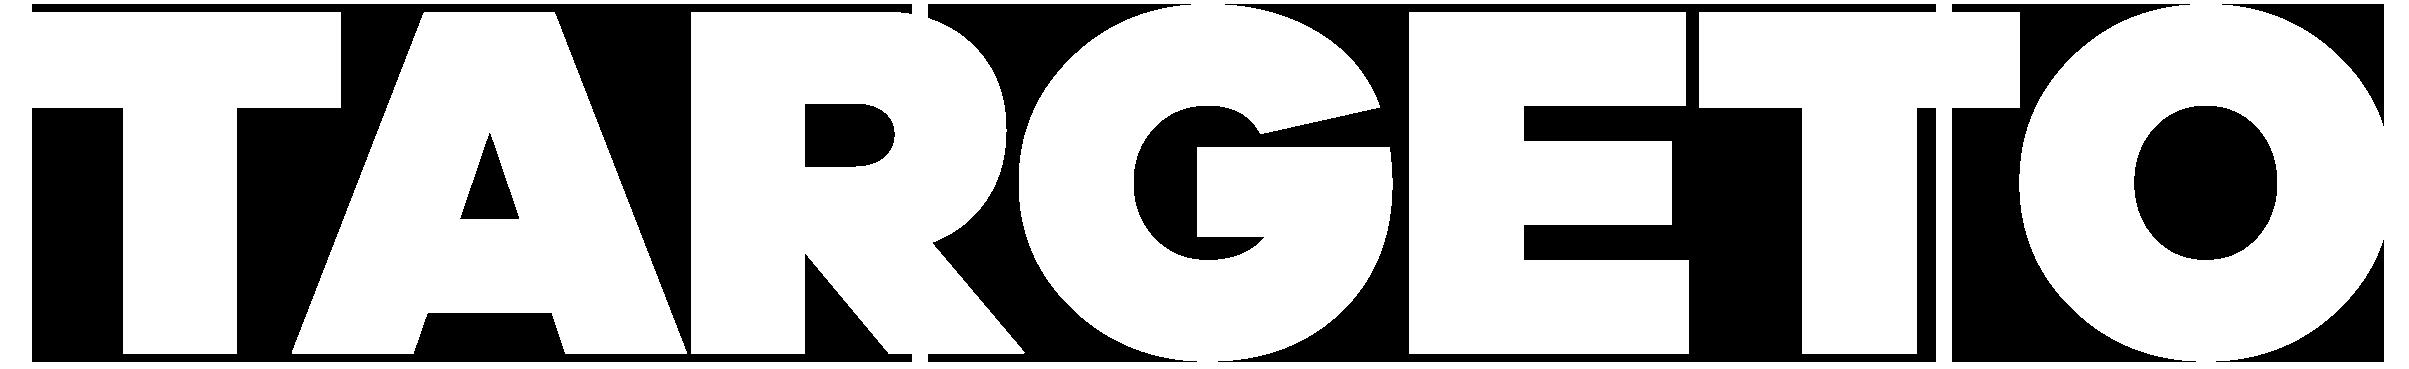 targeto-logo-white